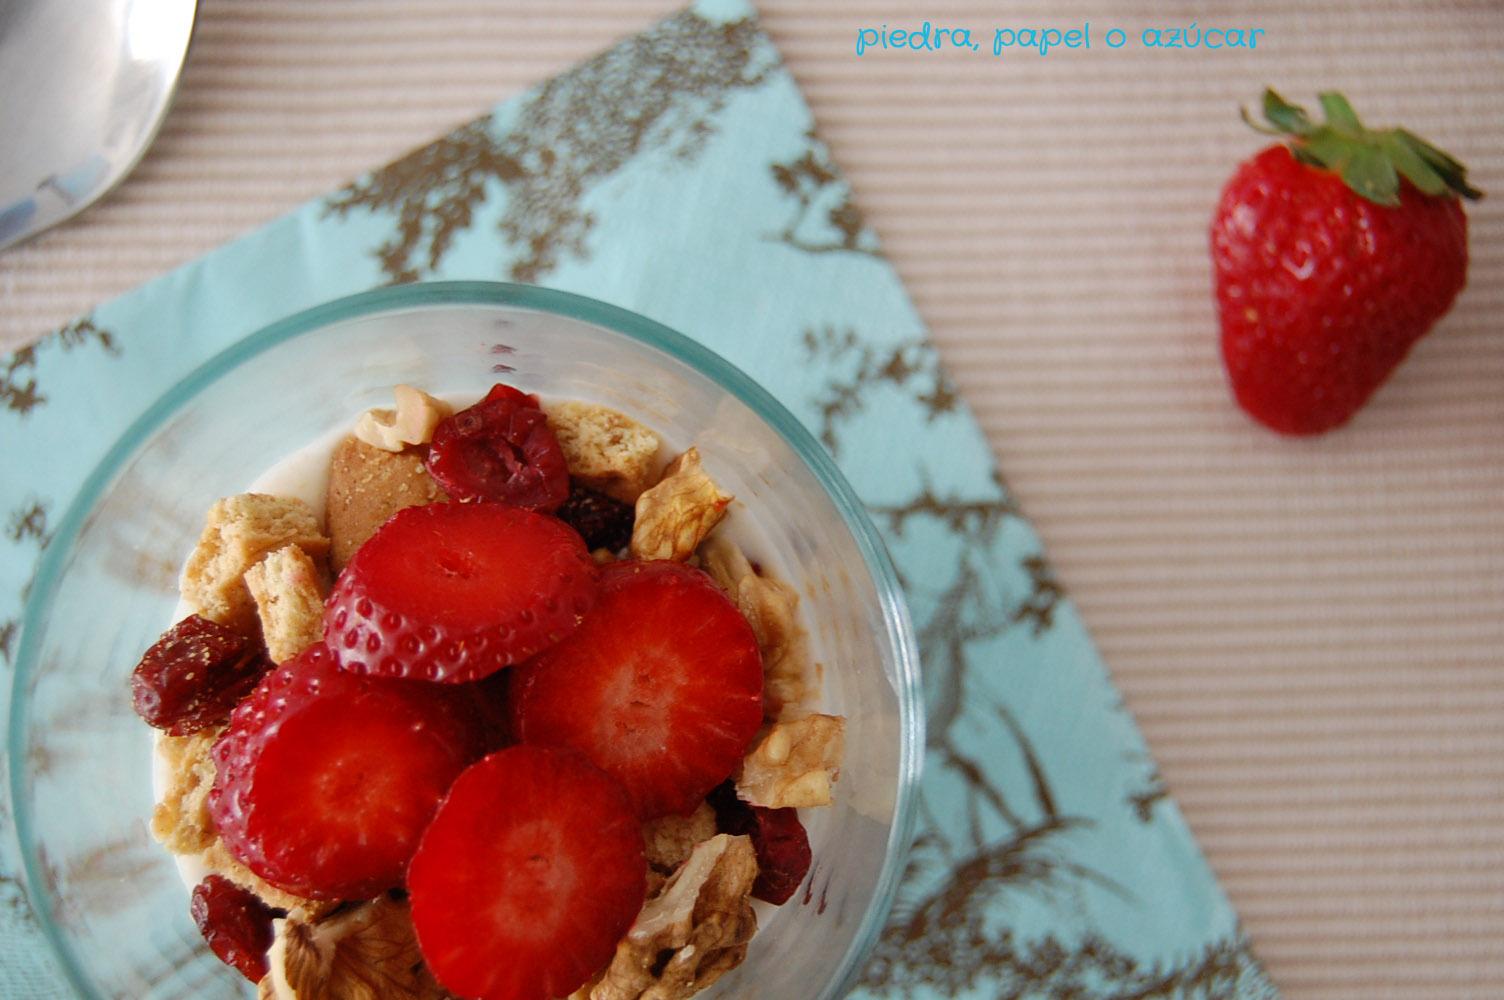 Vasitos de yogur con fresas ar ndanos y nueces piedra papel o az car - Fresas para piedra ...